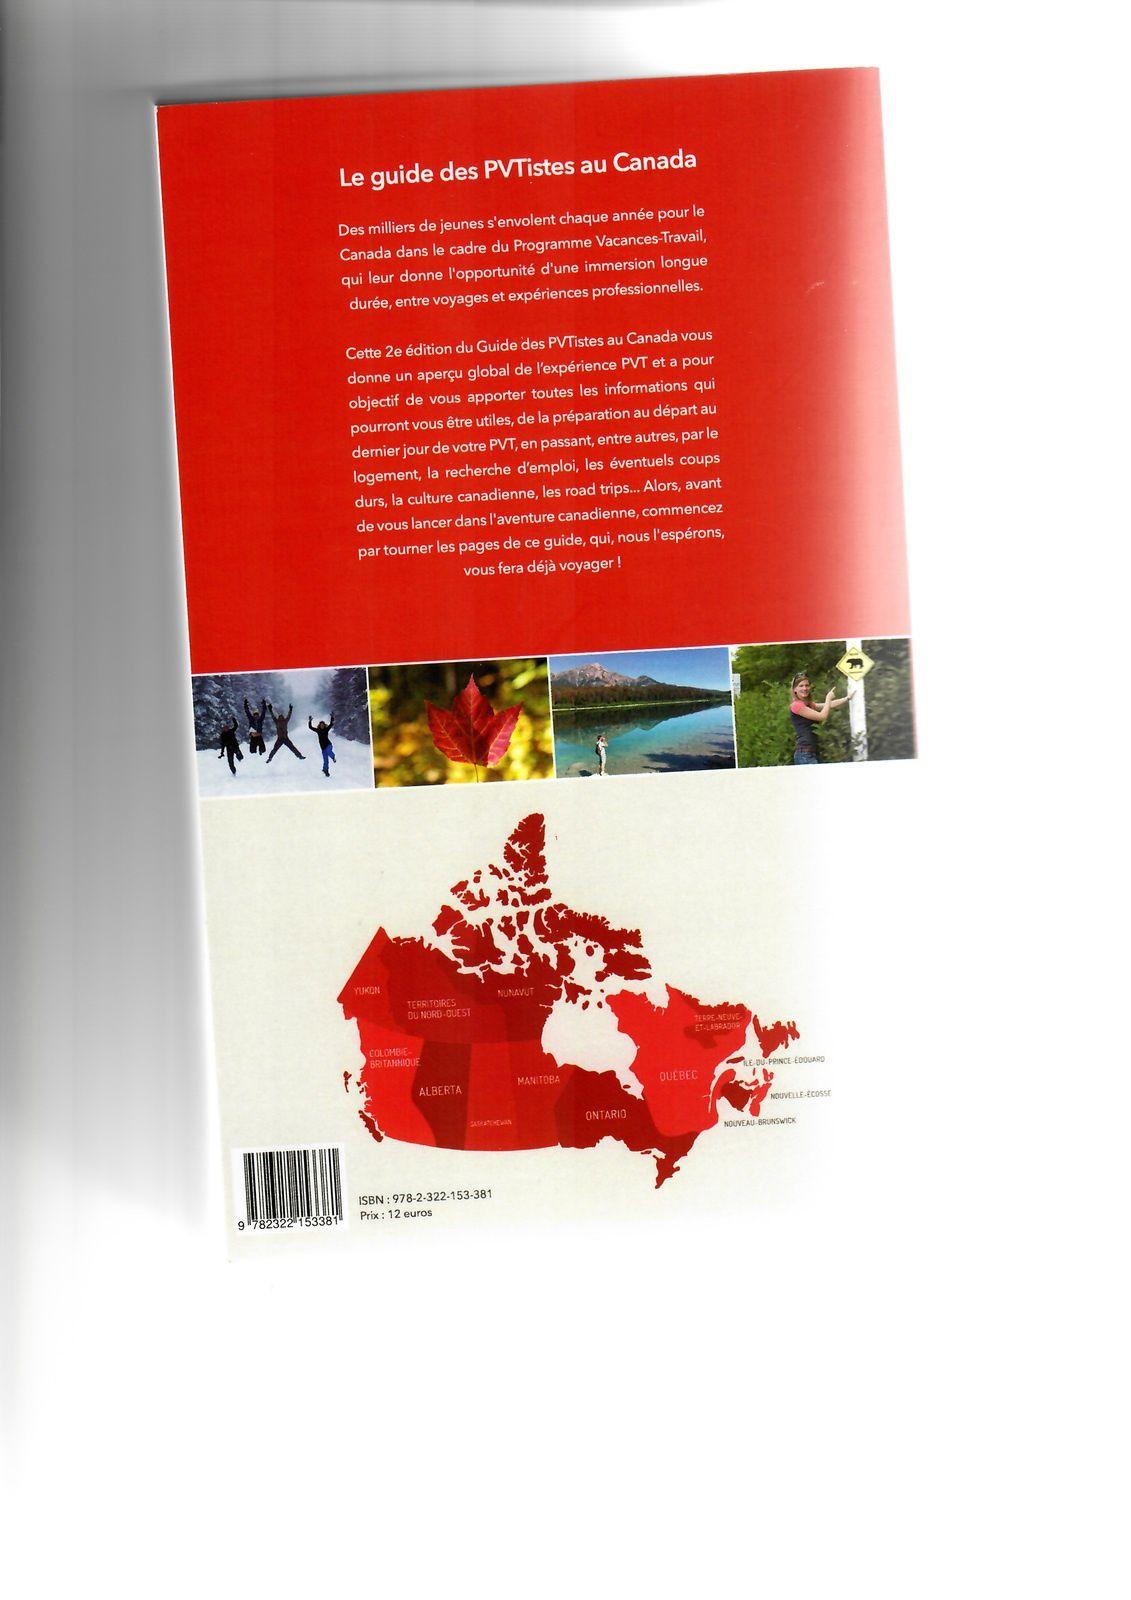 Le guide des PVTistes au Canada